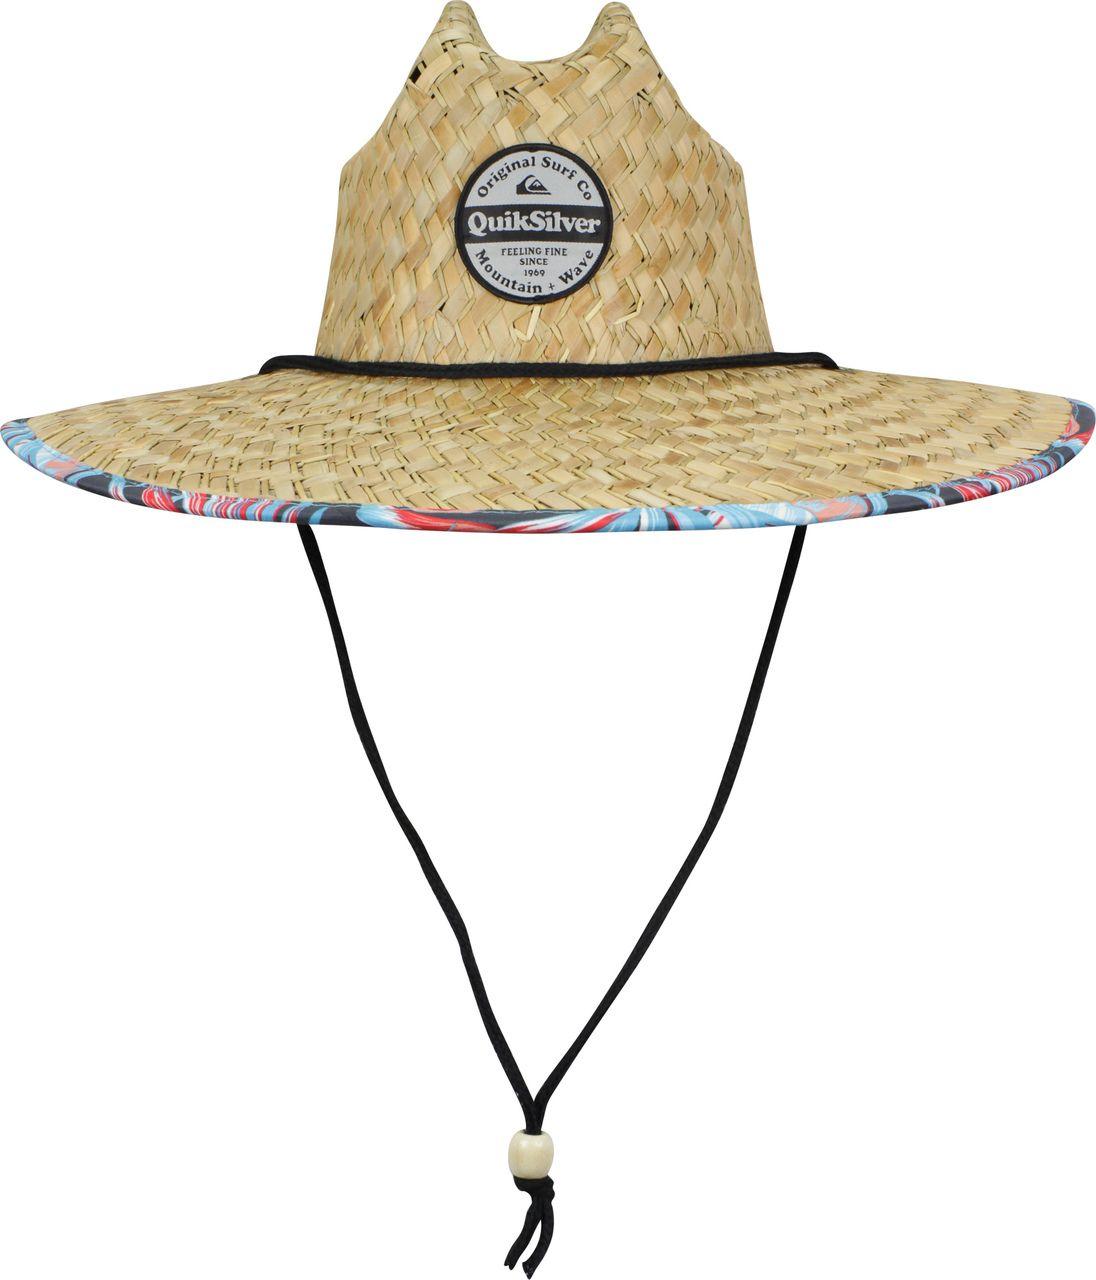 Quiksilver Mens Outsider Wide Brim Straw Sun Hat Blue Yonder Straw Sun Hat Sun Hats Hats